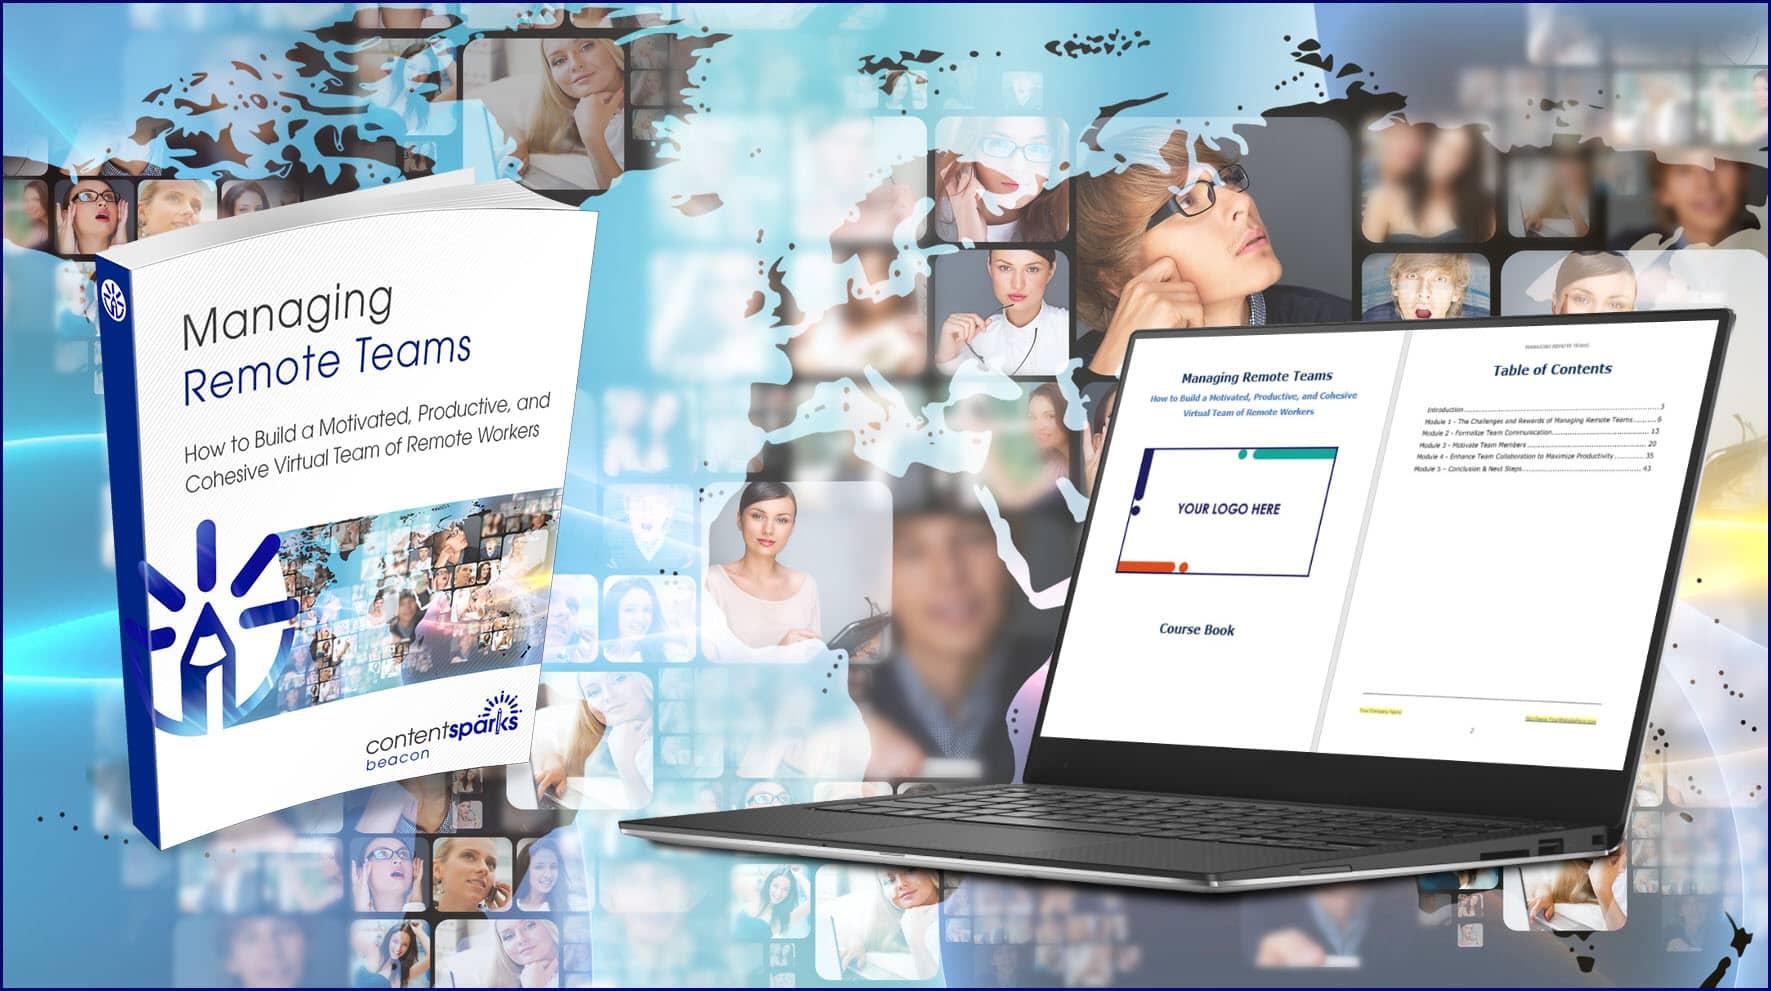 RemoteTeams SalesPageCollage